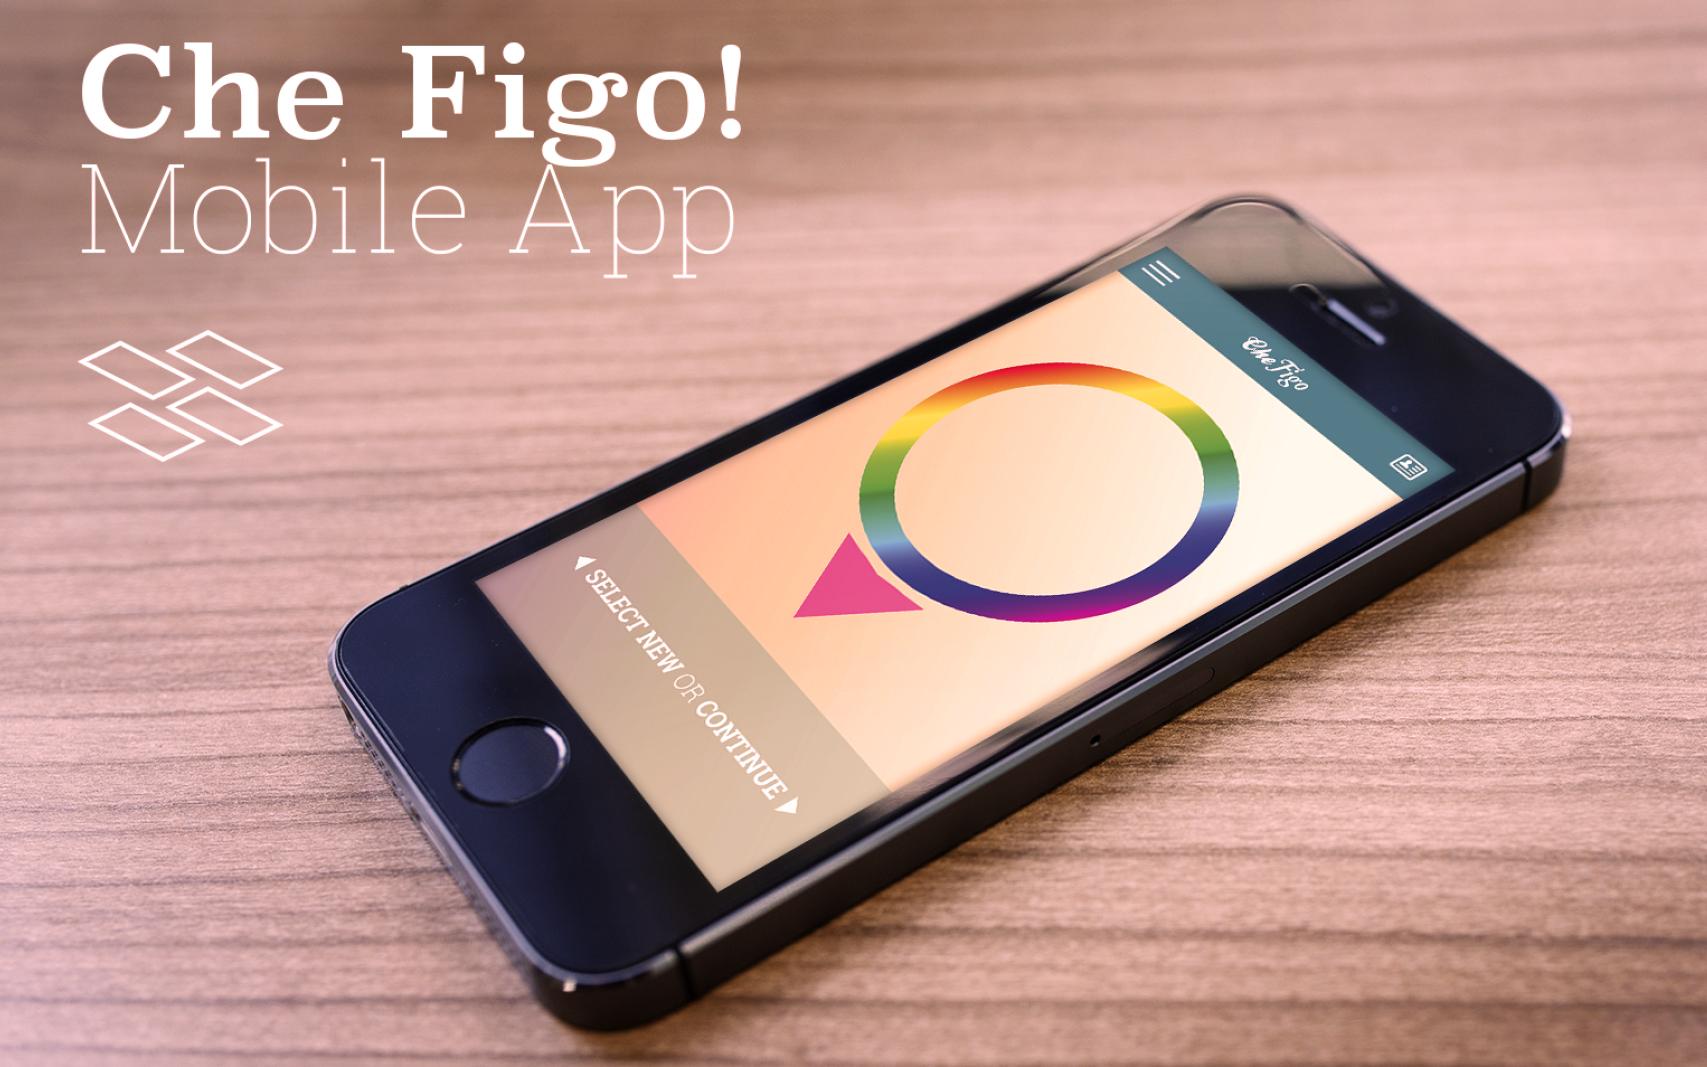 Presentation for Che Figo15.jpg